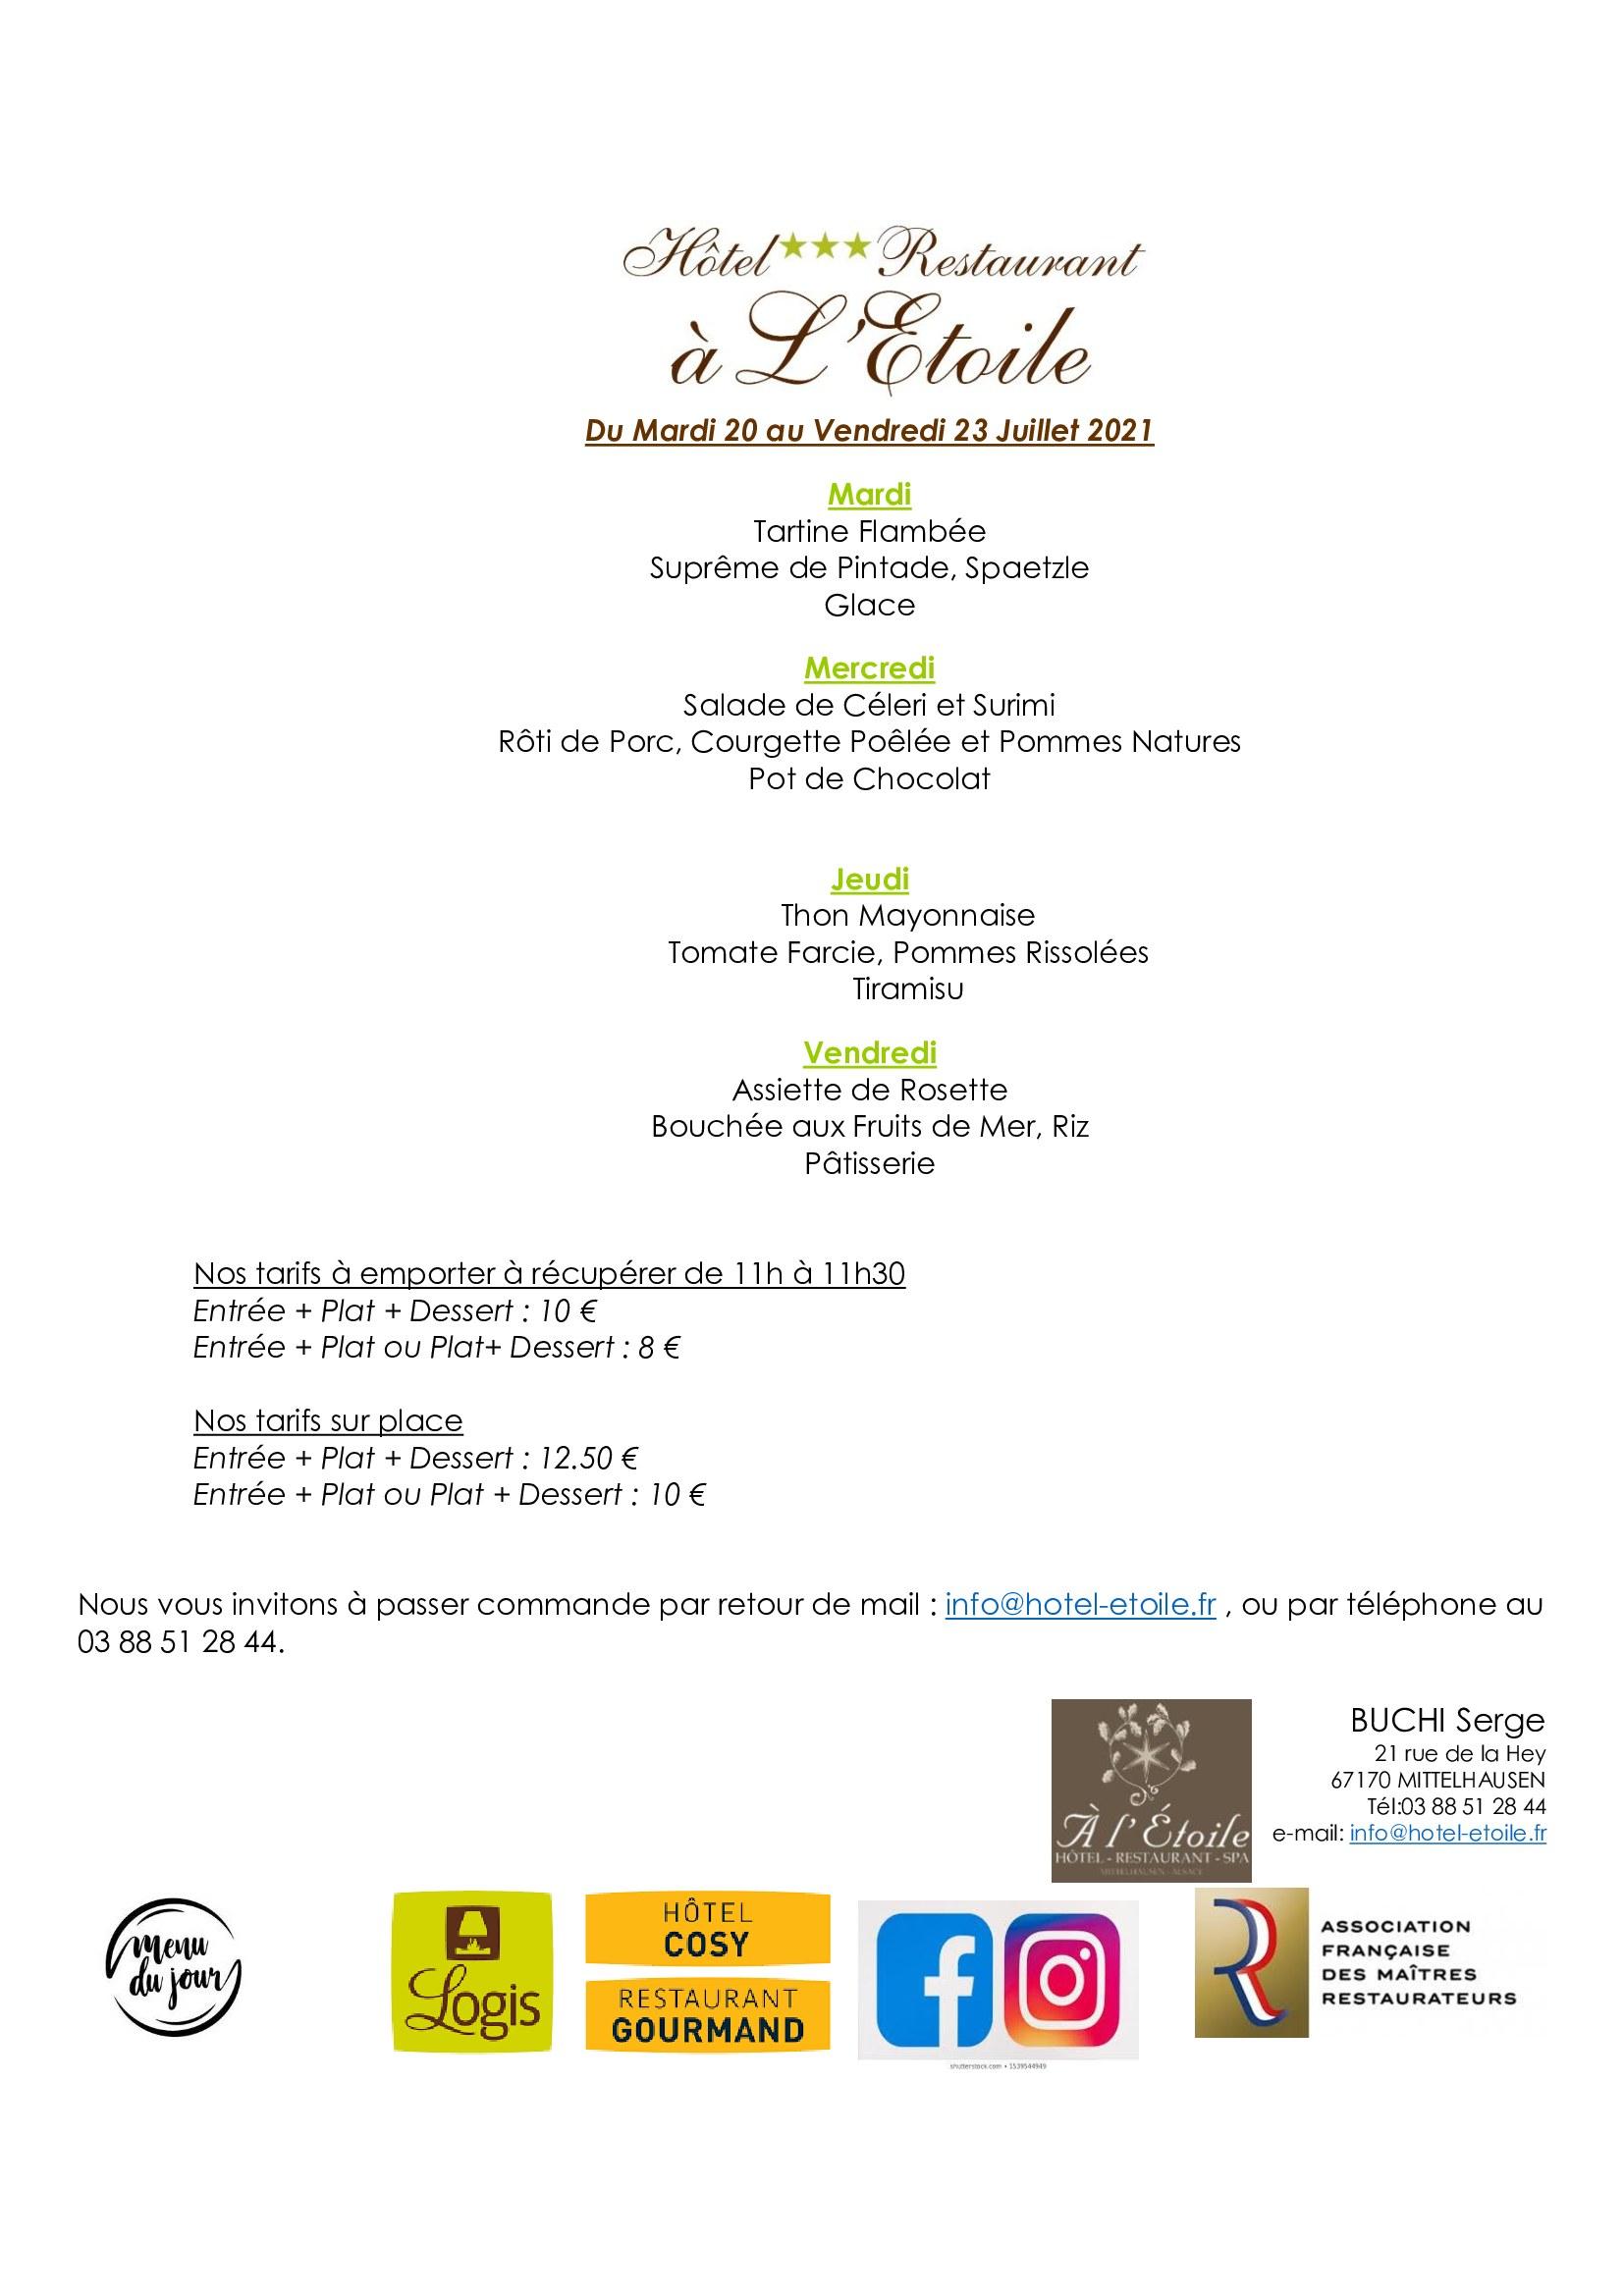 MENUS-DU-JOUR-du-20-23.07.21